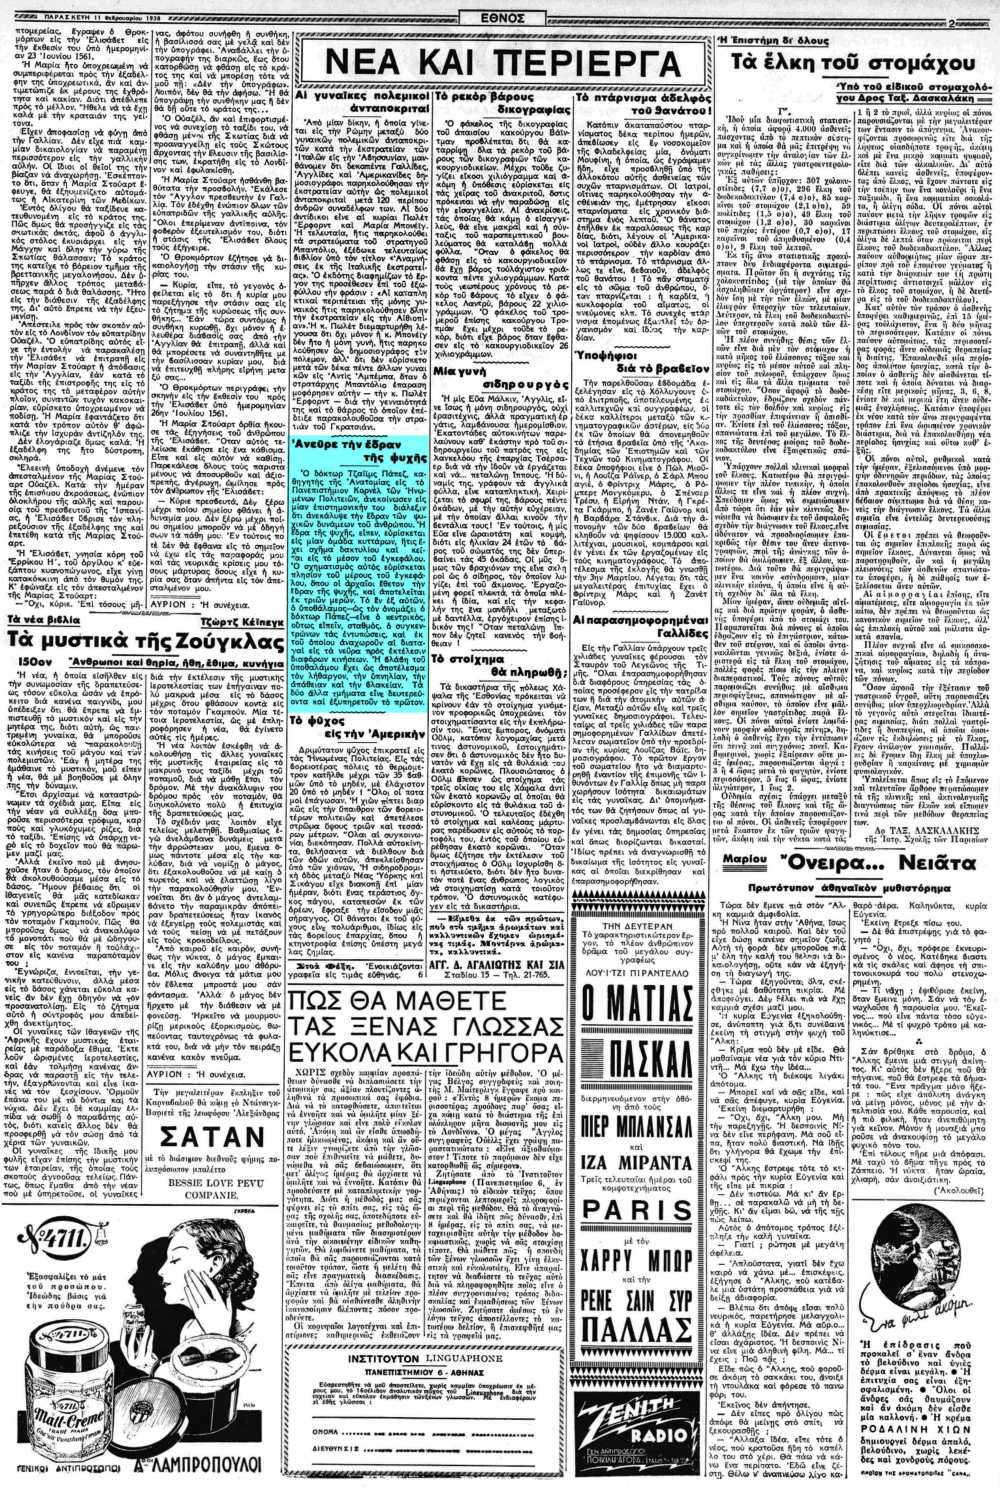 """Το άρθρο, όπως δημοσιεύθηκε στην εφημερίδα """"ΕΘΝΟΣ"""", στις 11/02/1938"""